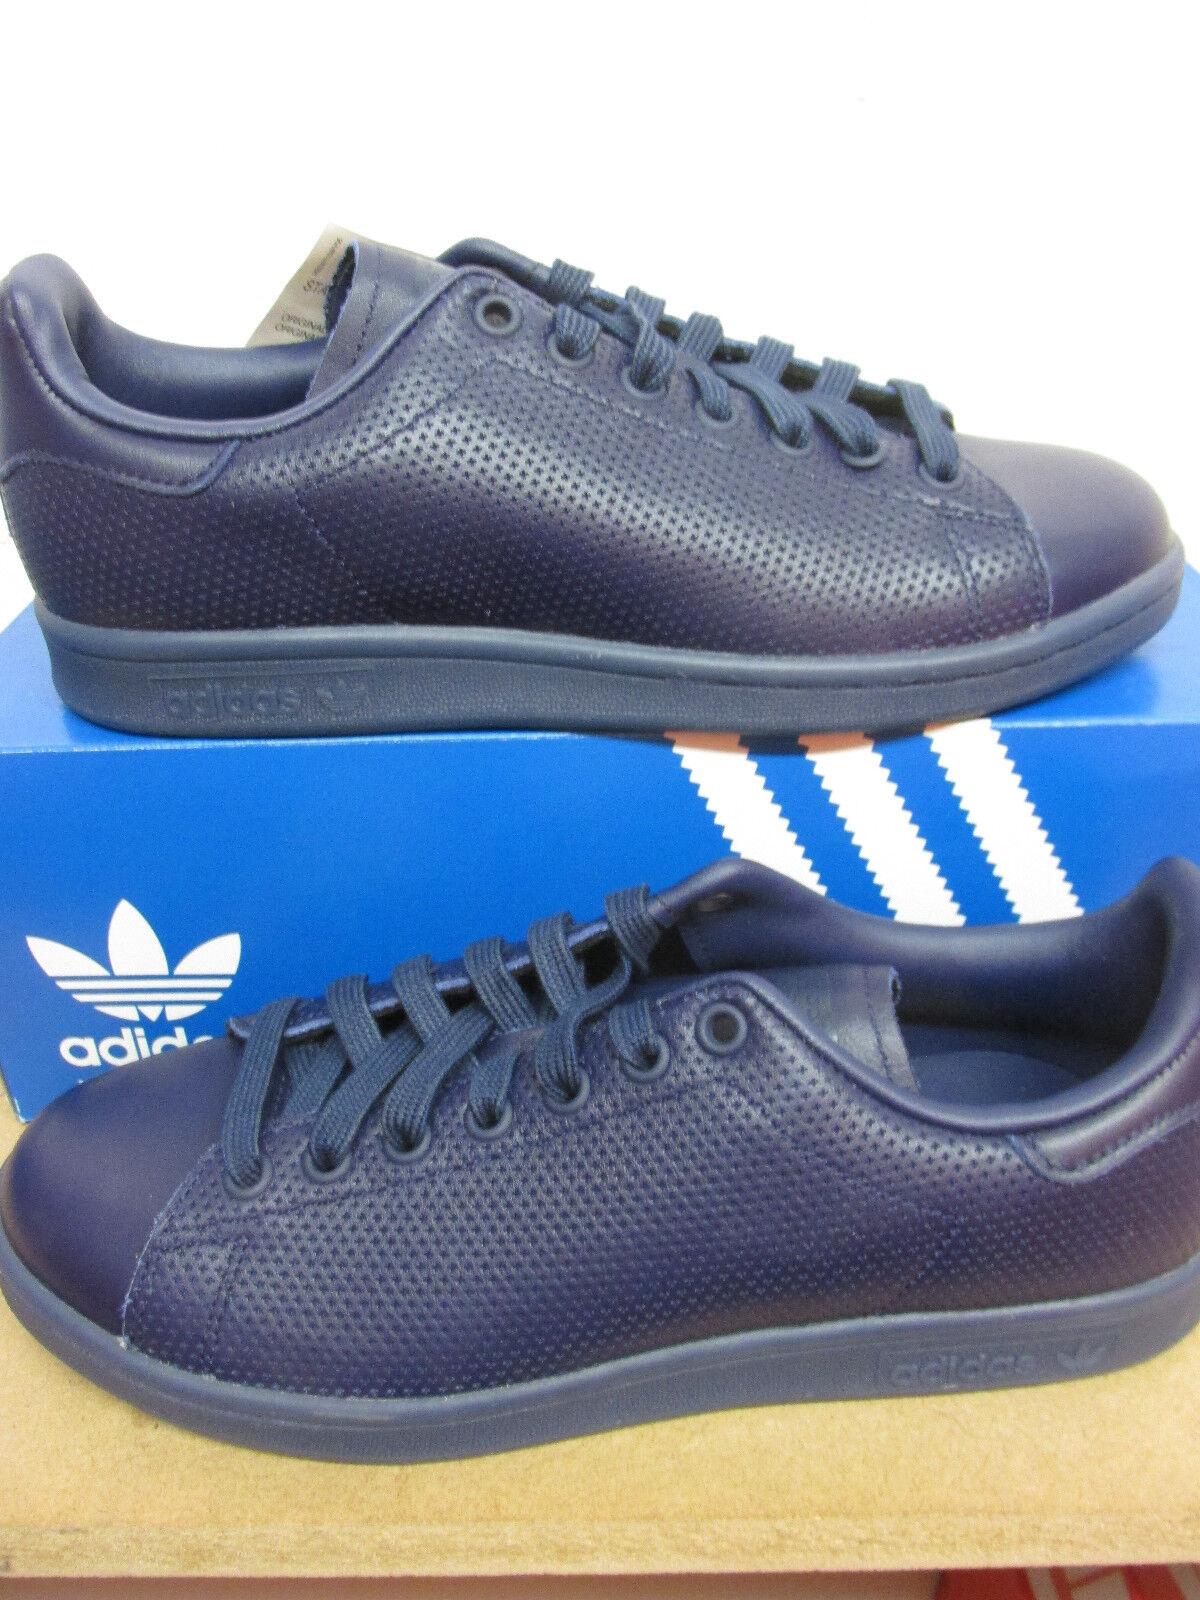 ADIDAS Originals Stan Smith Sneaker Uomo Scarpe Scarpe da ginnastica BB4268 Scarpe classiche da uomo